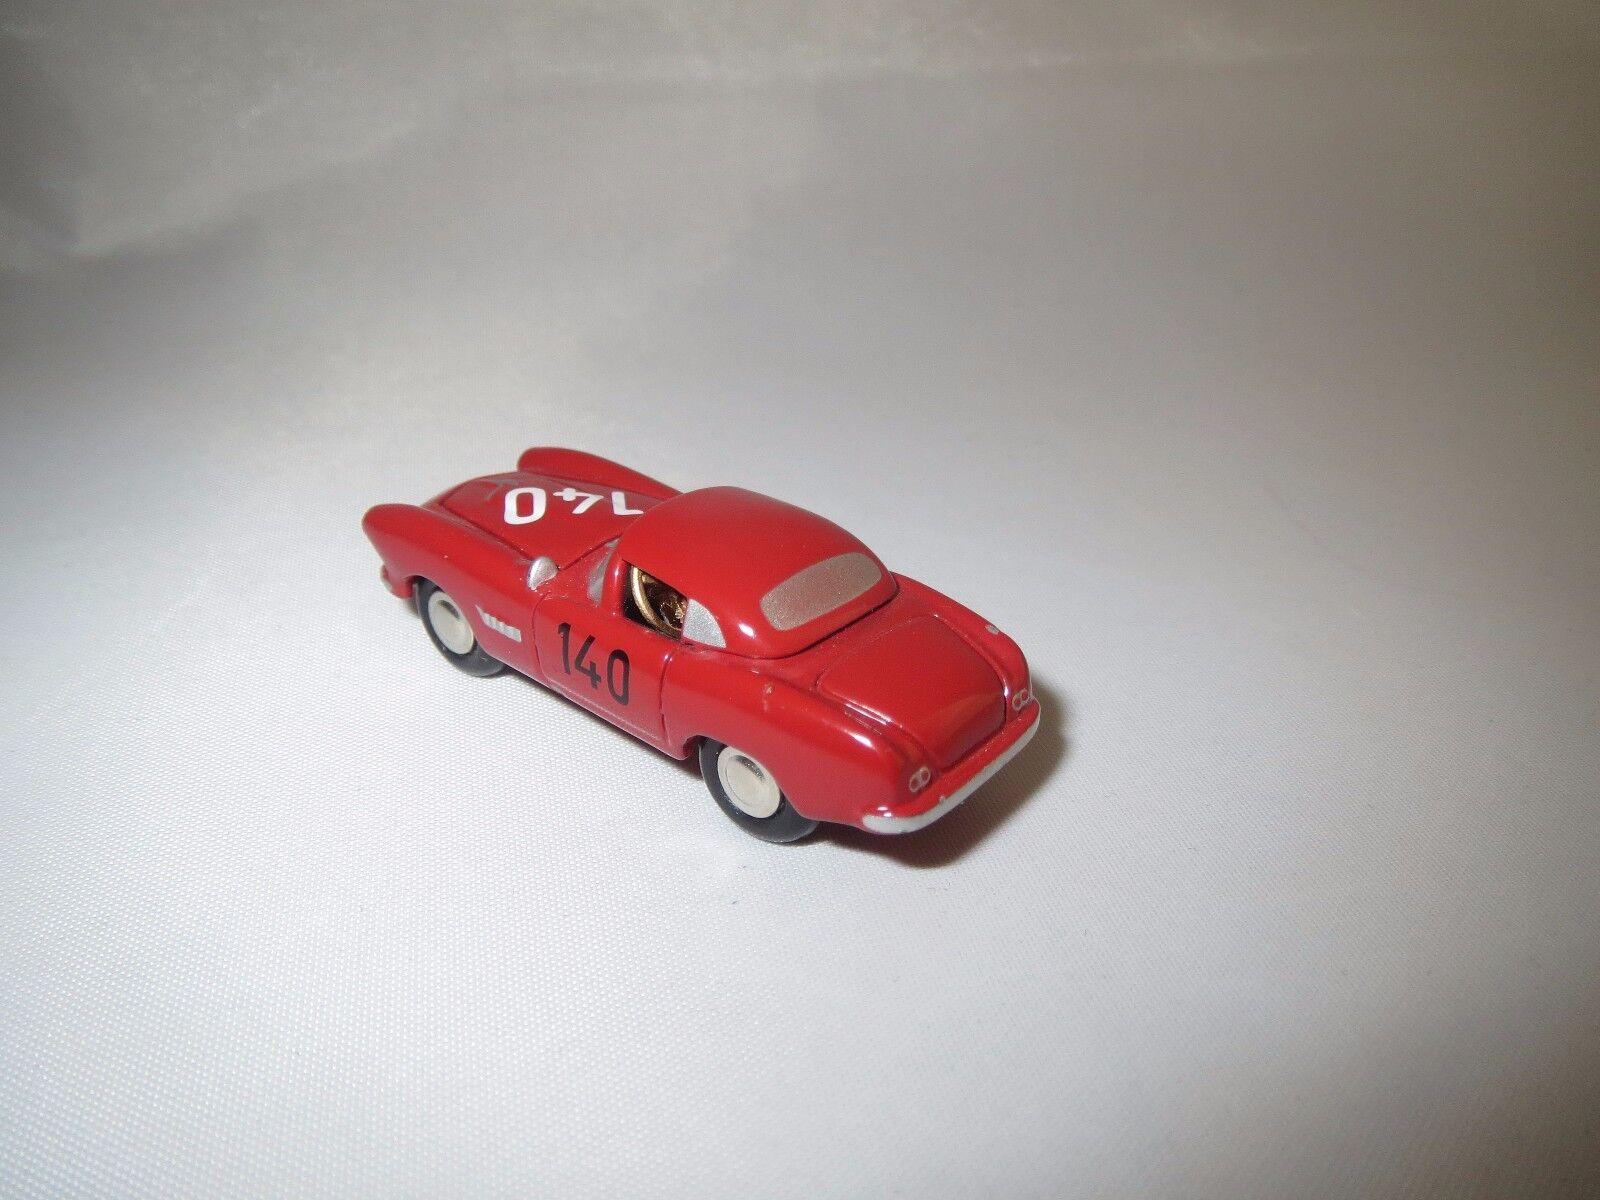 Schuco PICCOLO BMW 507  140  Schauinsland-CORSA 1959 1959 1959  1 90 CONFEZIONE ORIGINALE    c8e905